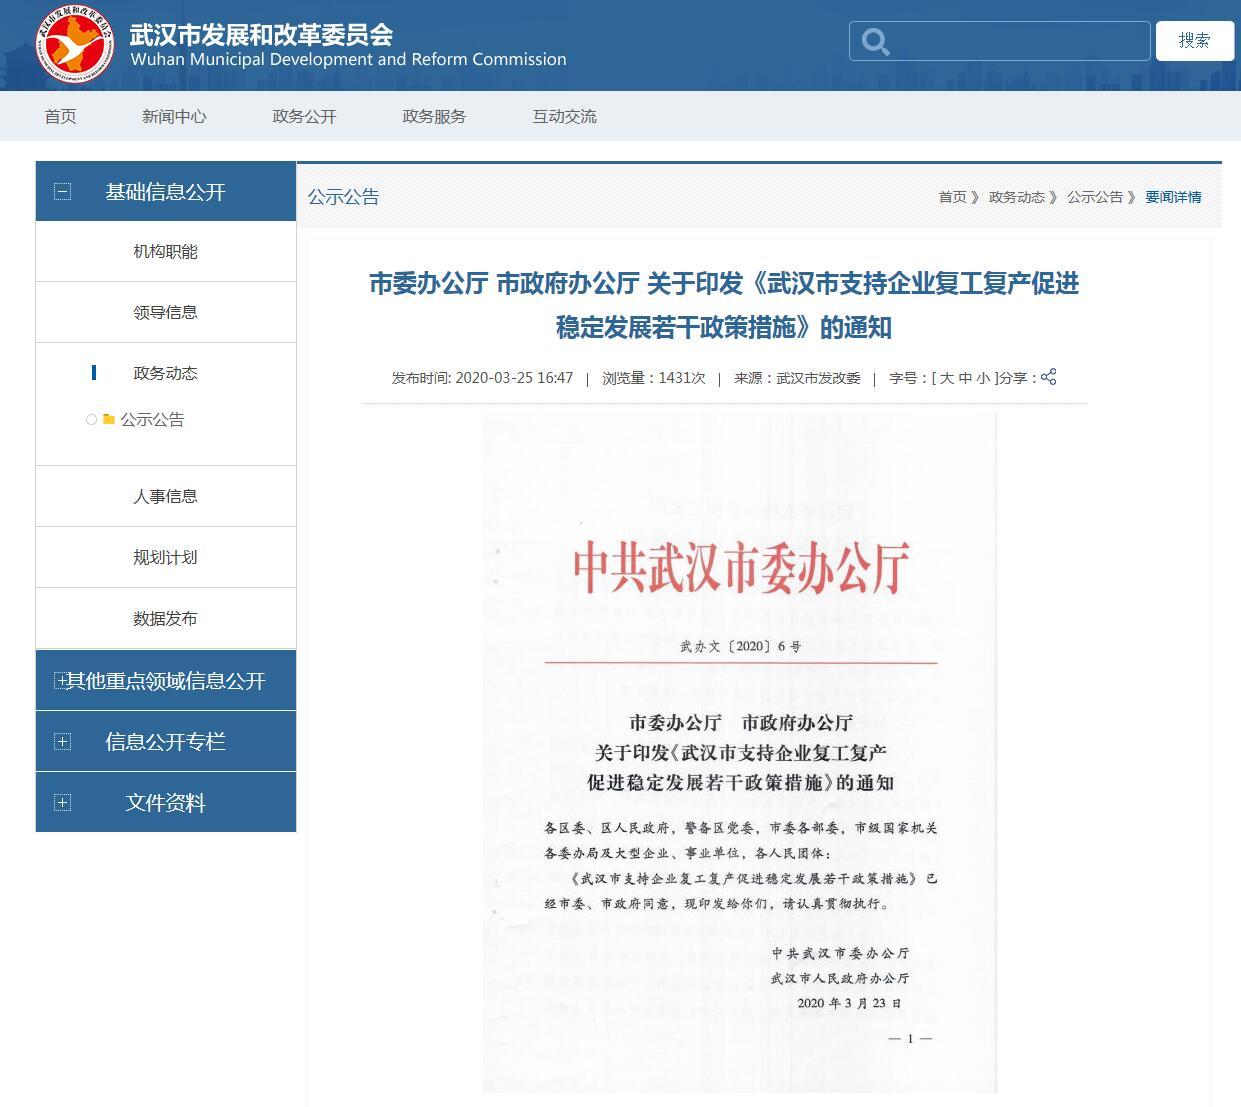 武汉出台21条政策措施支持企业复